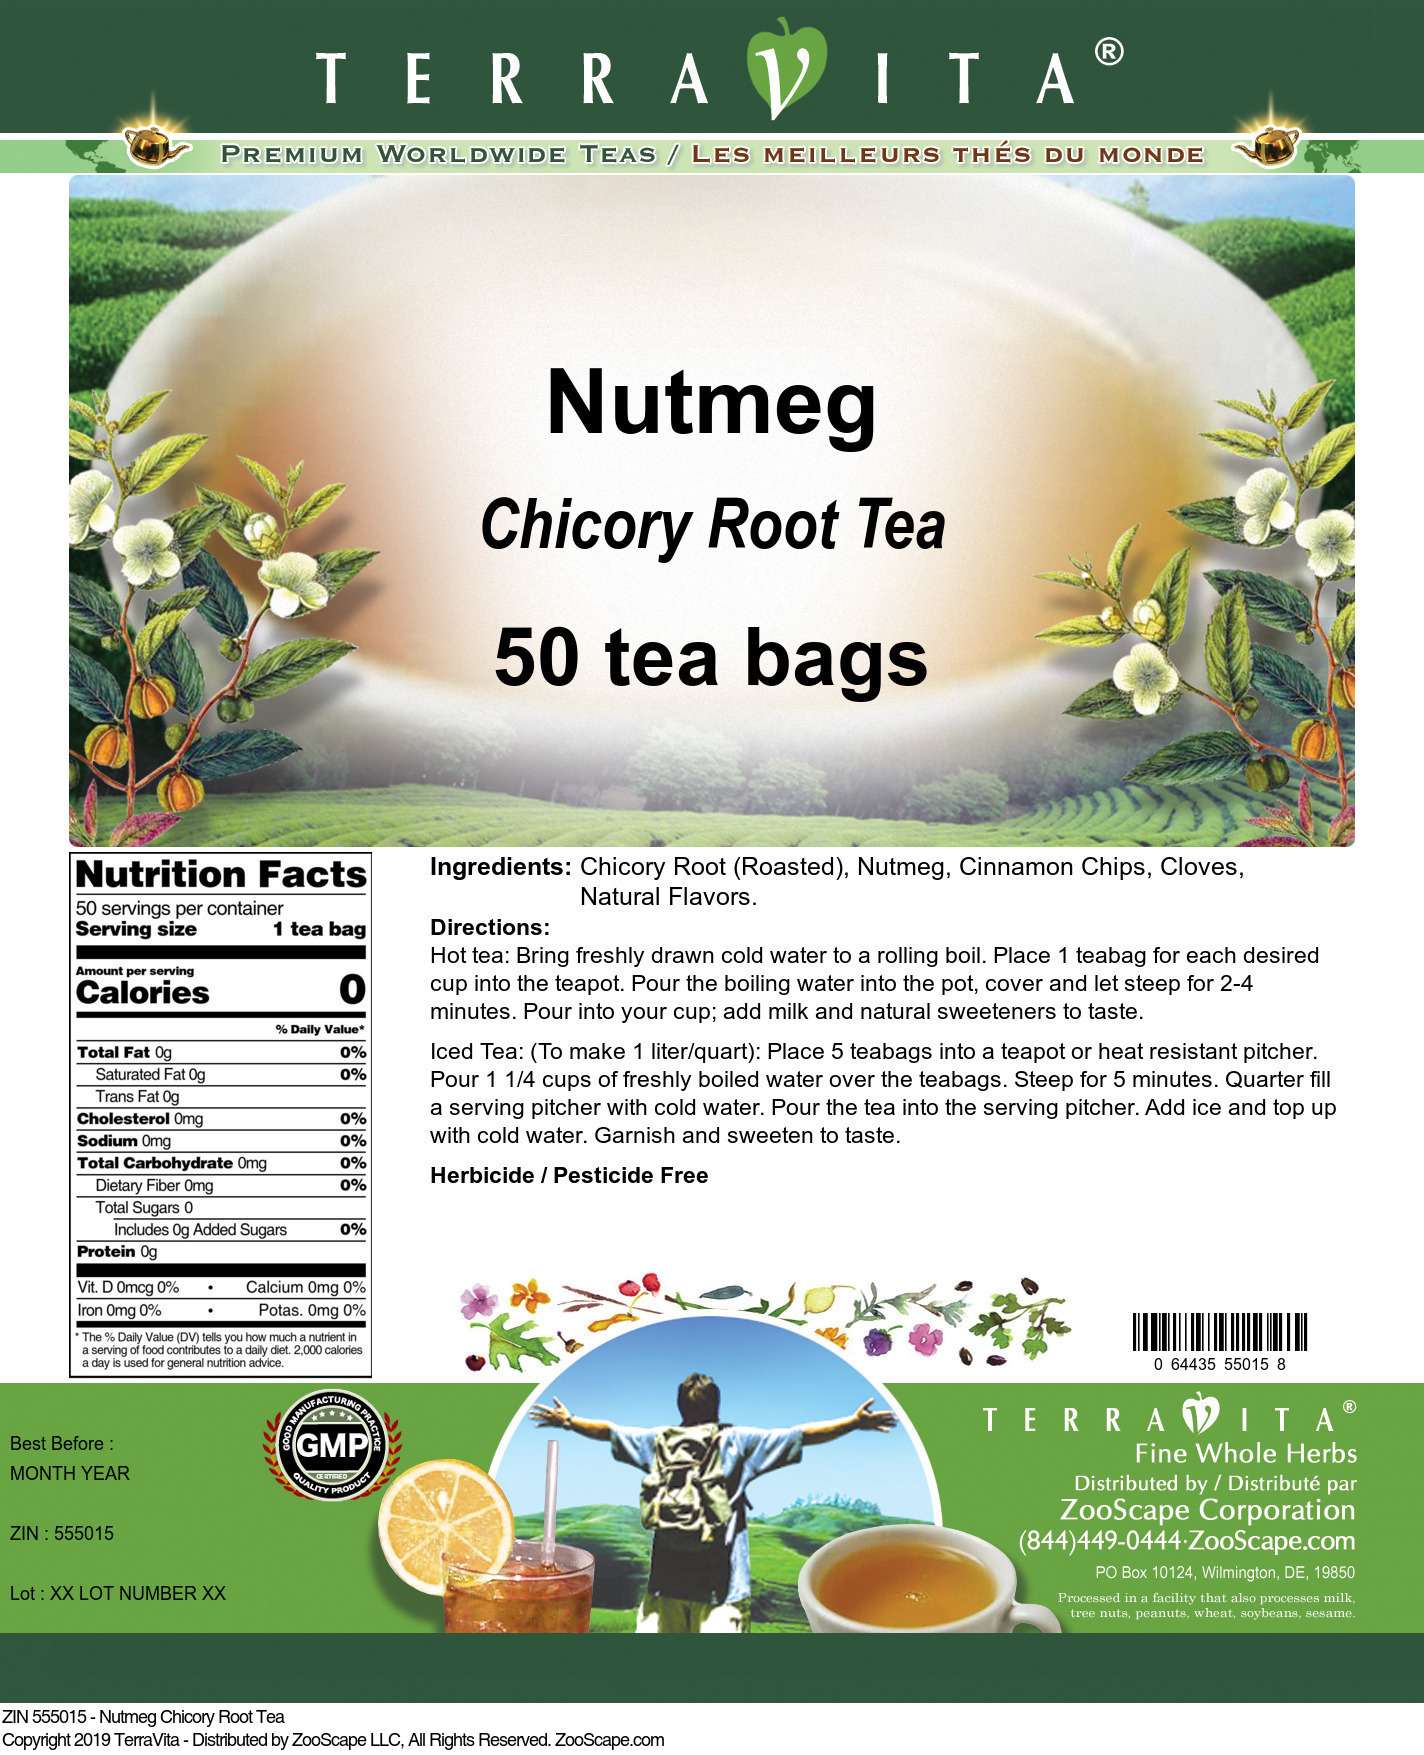 Nutmeg Chicory Root